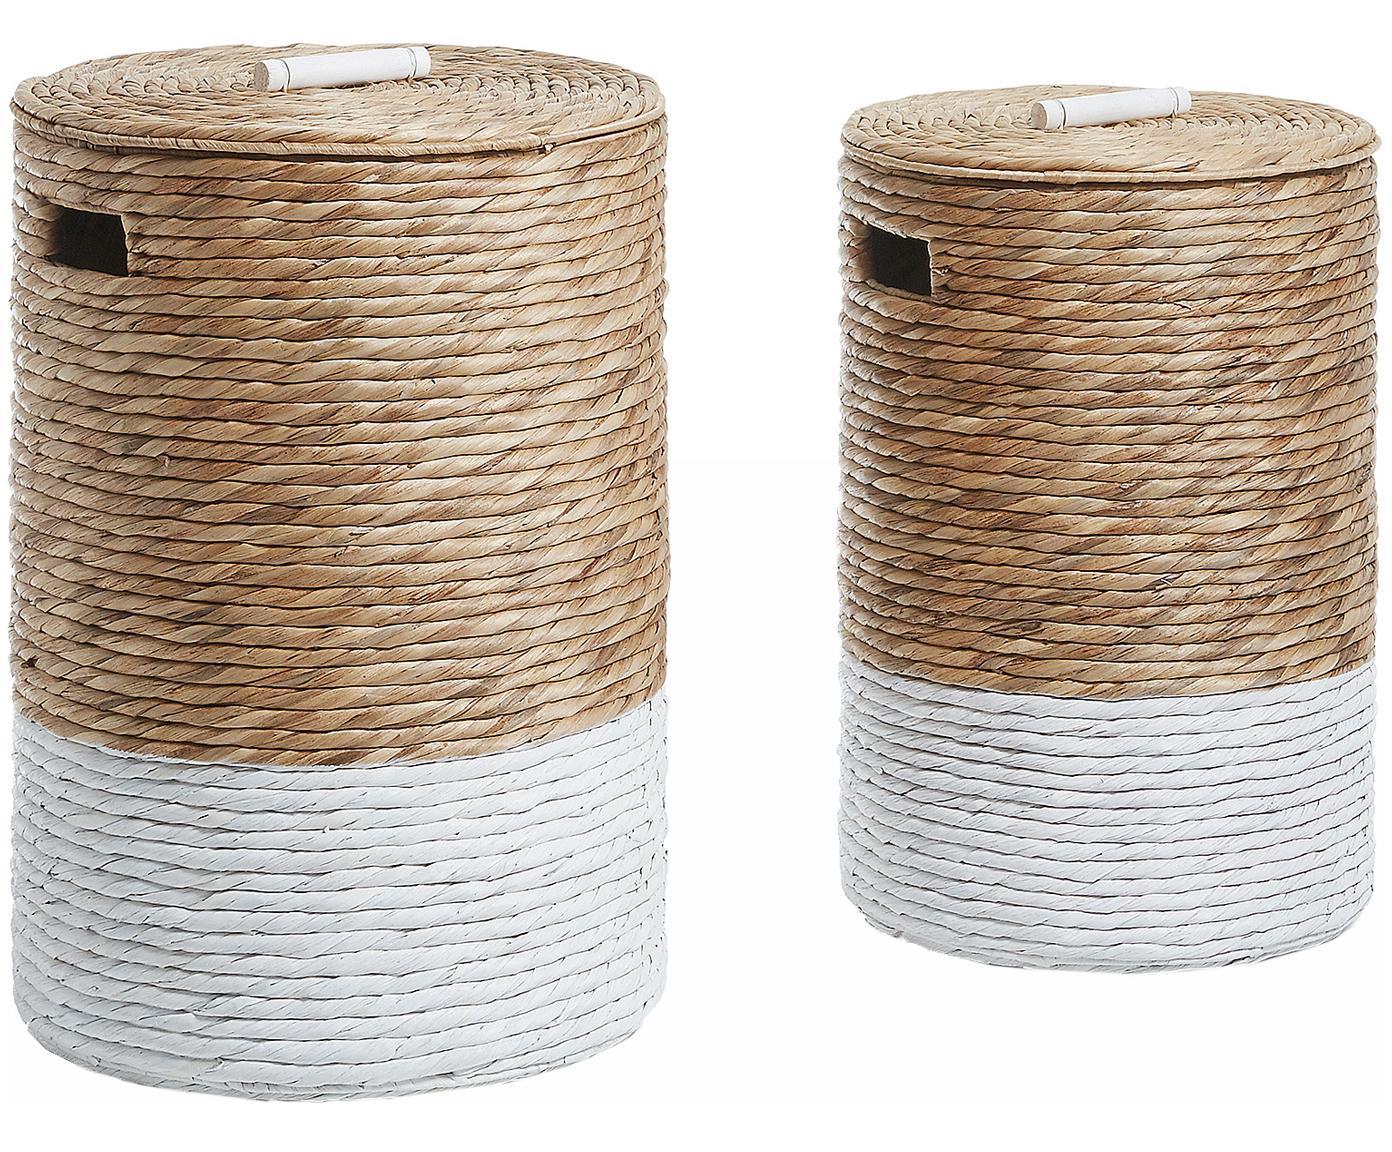 Wäschekörbe-Set Mast, 2-tlg., Weiß, Beige, Sondergrößen